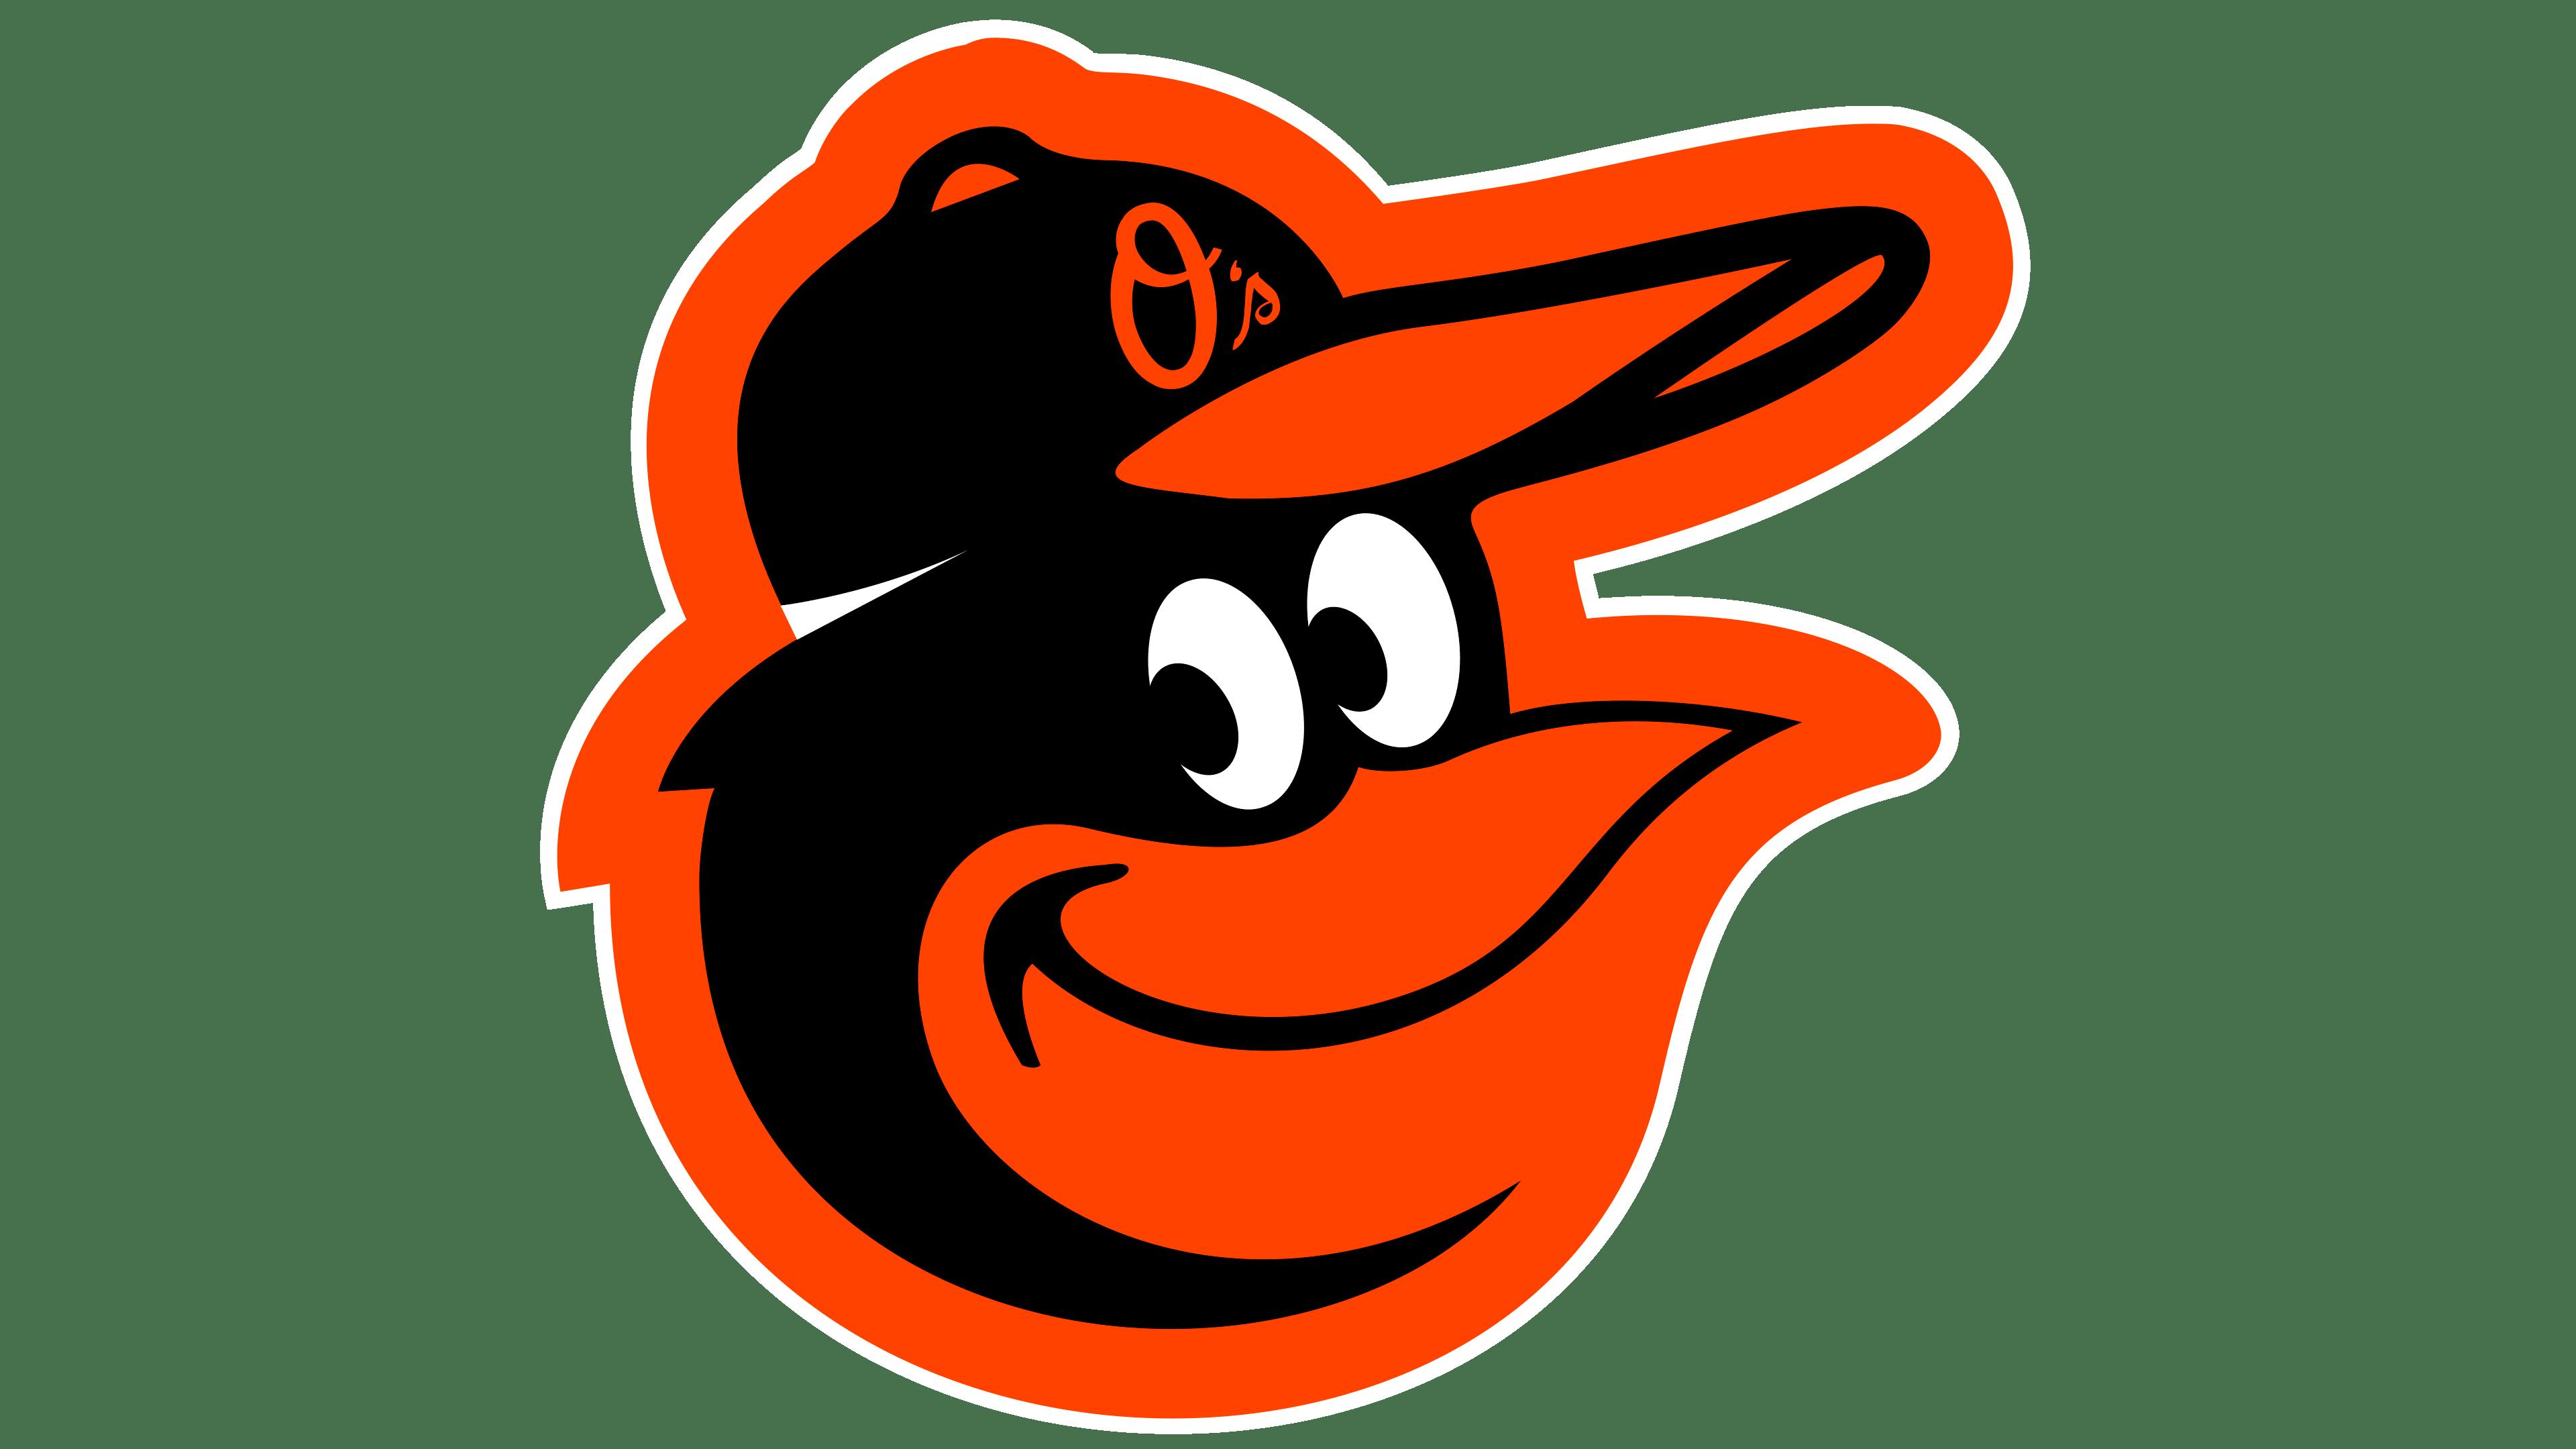 Baltimore Orioles Logos.